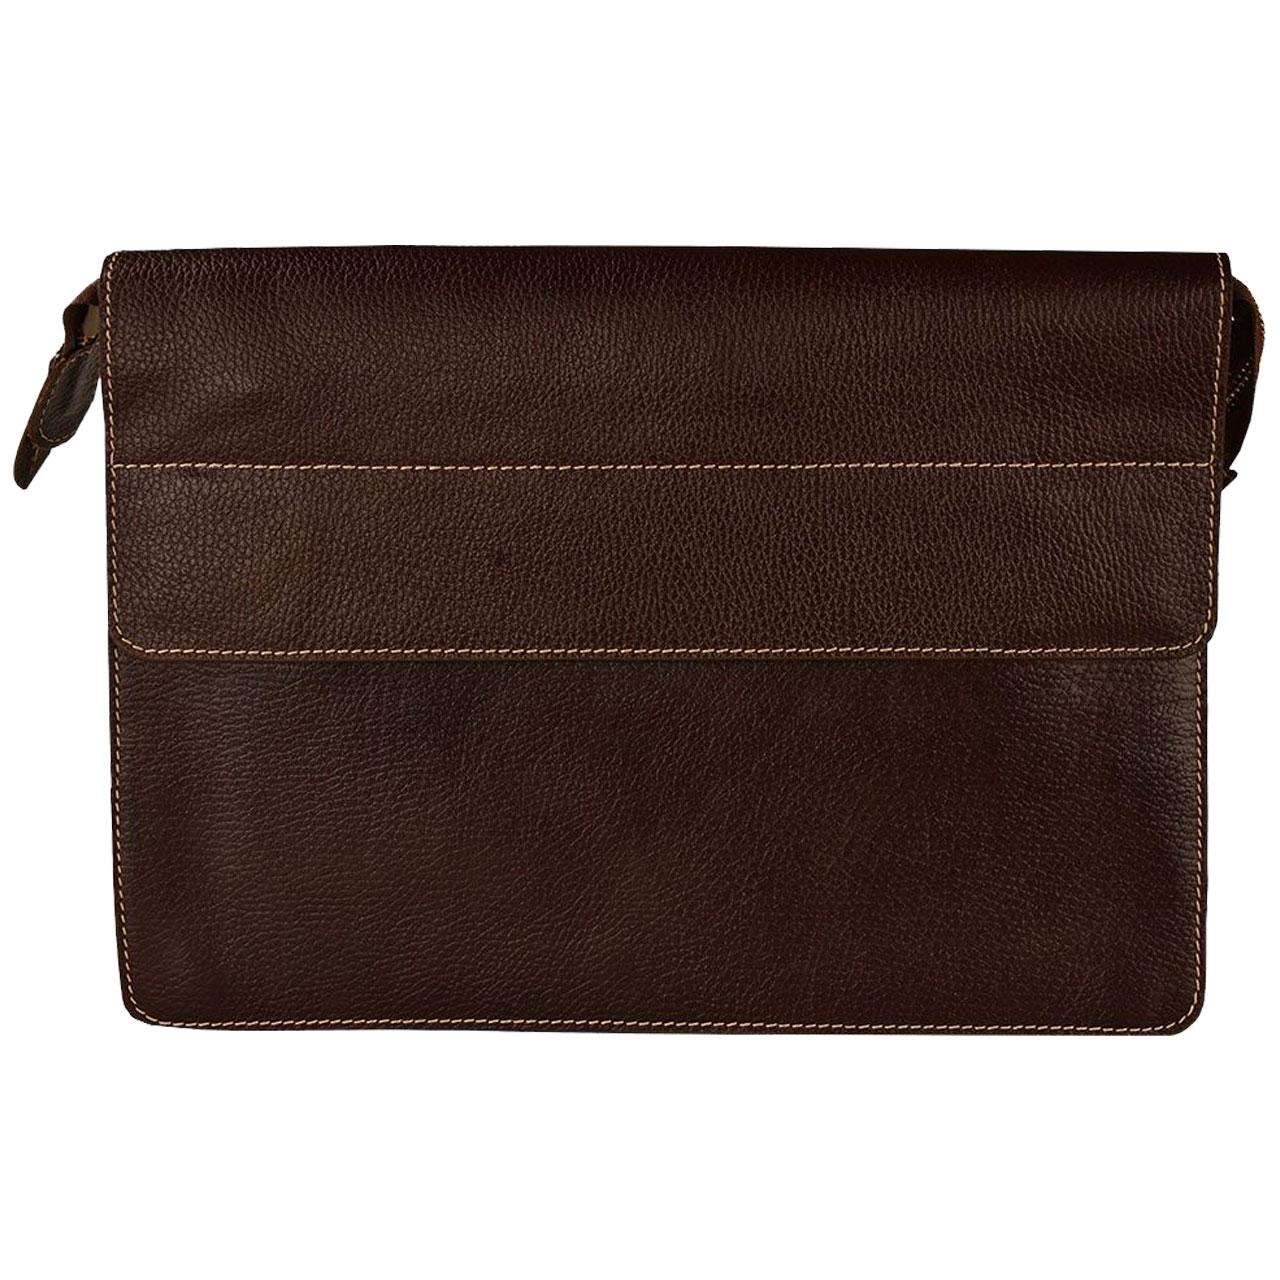 کیف دستی کهن چرم مدل PF41-12